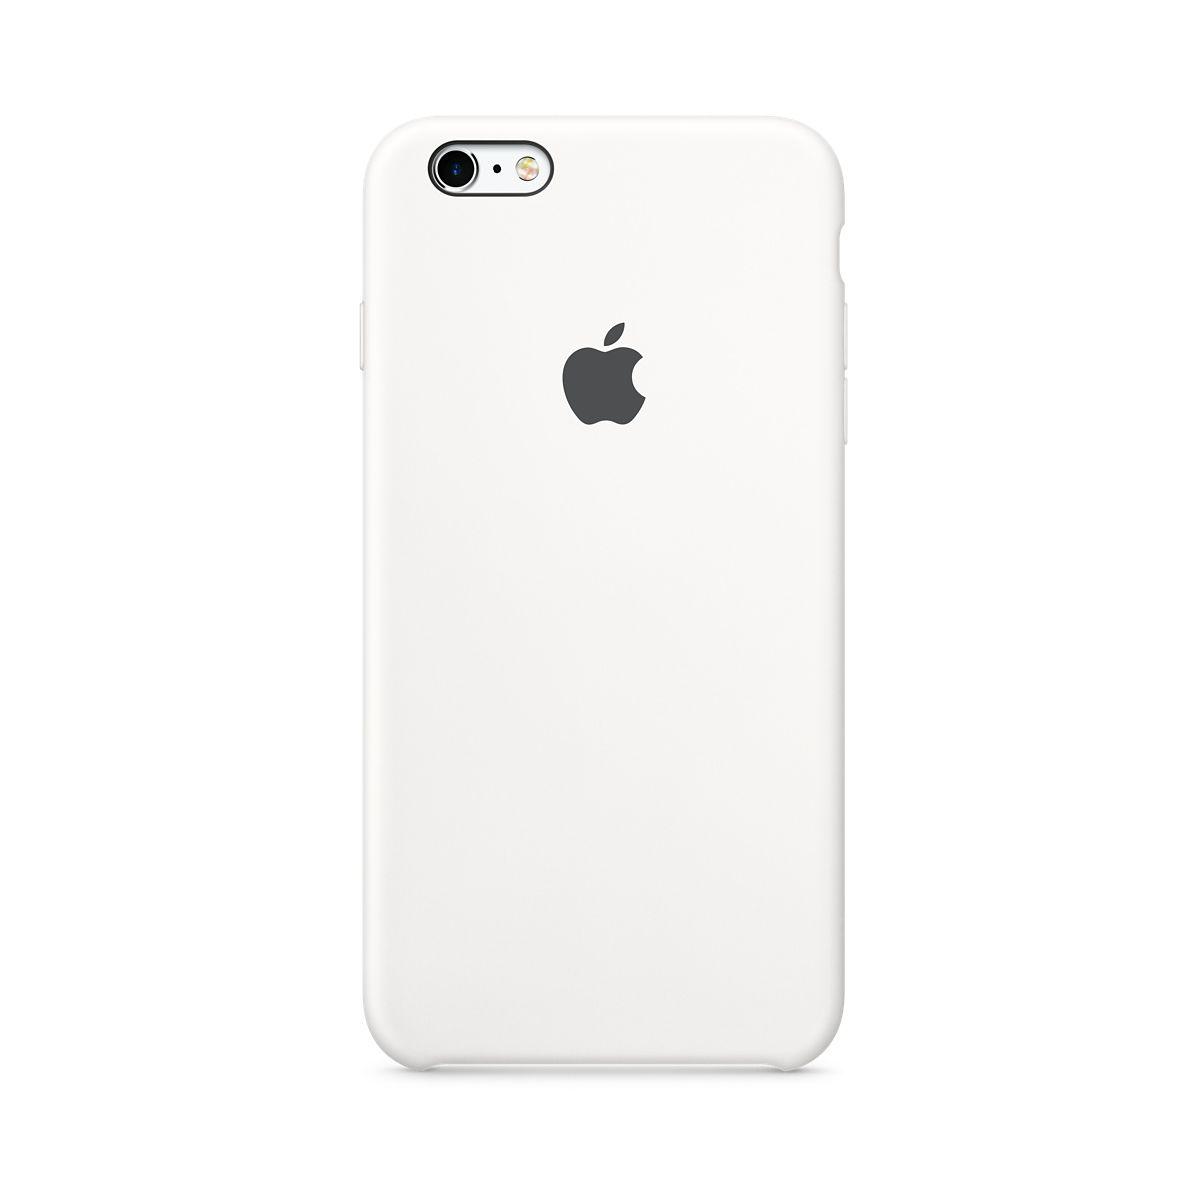 Coque APPLE iPhone 6s blanc (photo)